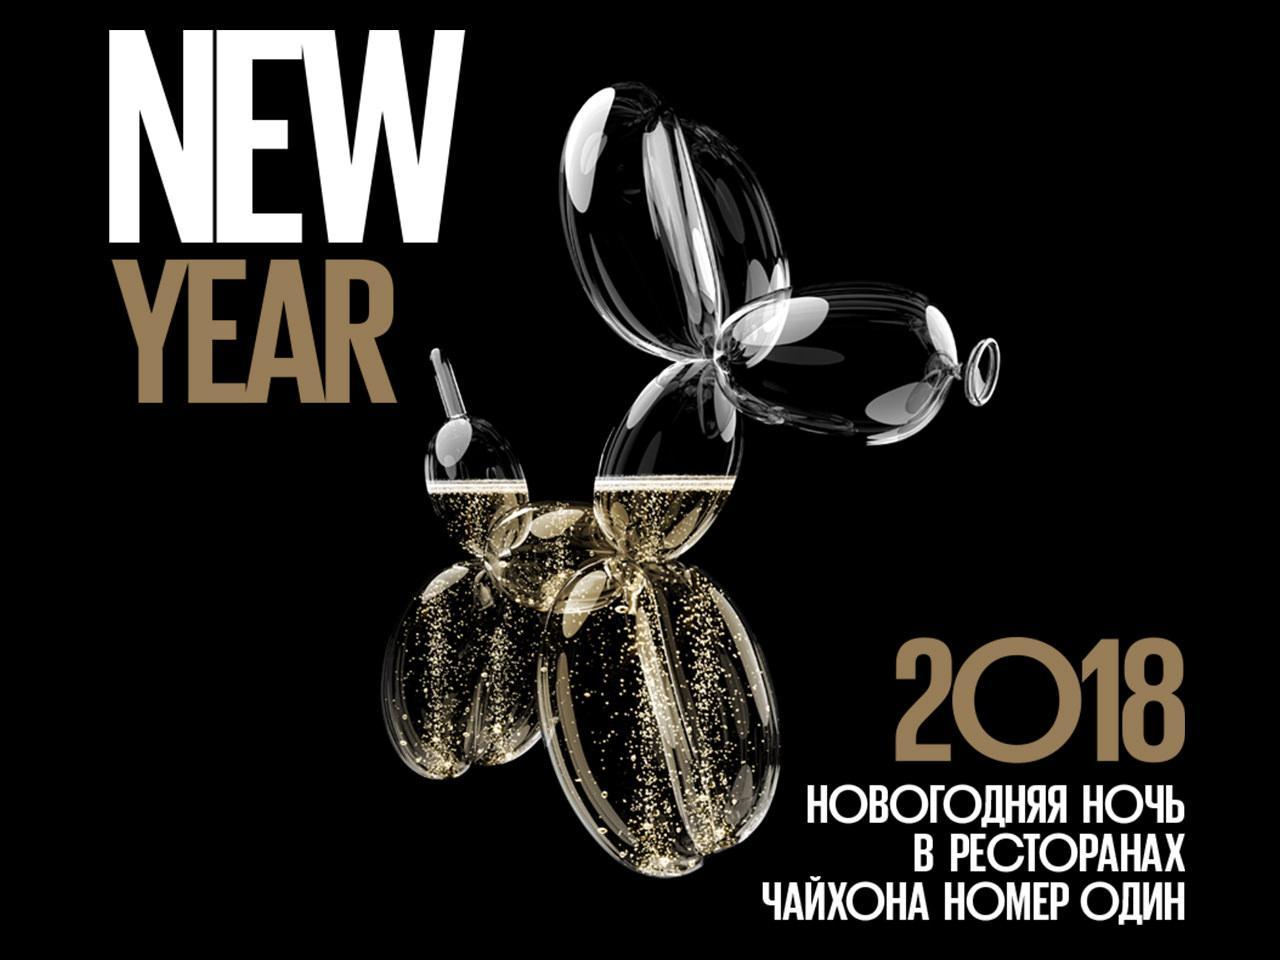 Новогодняя ночь в Чайхоне №1!